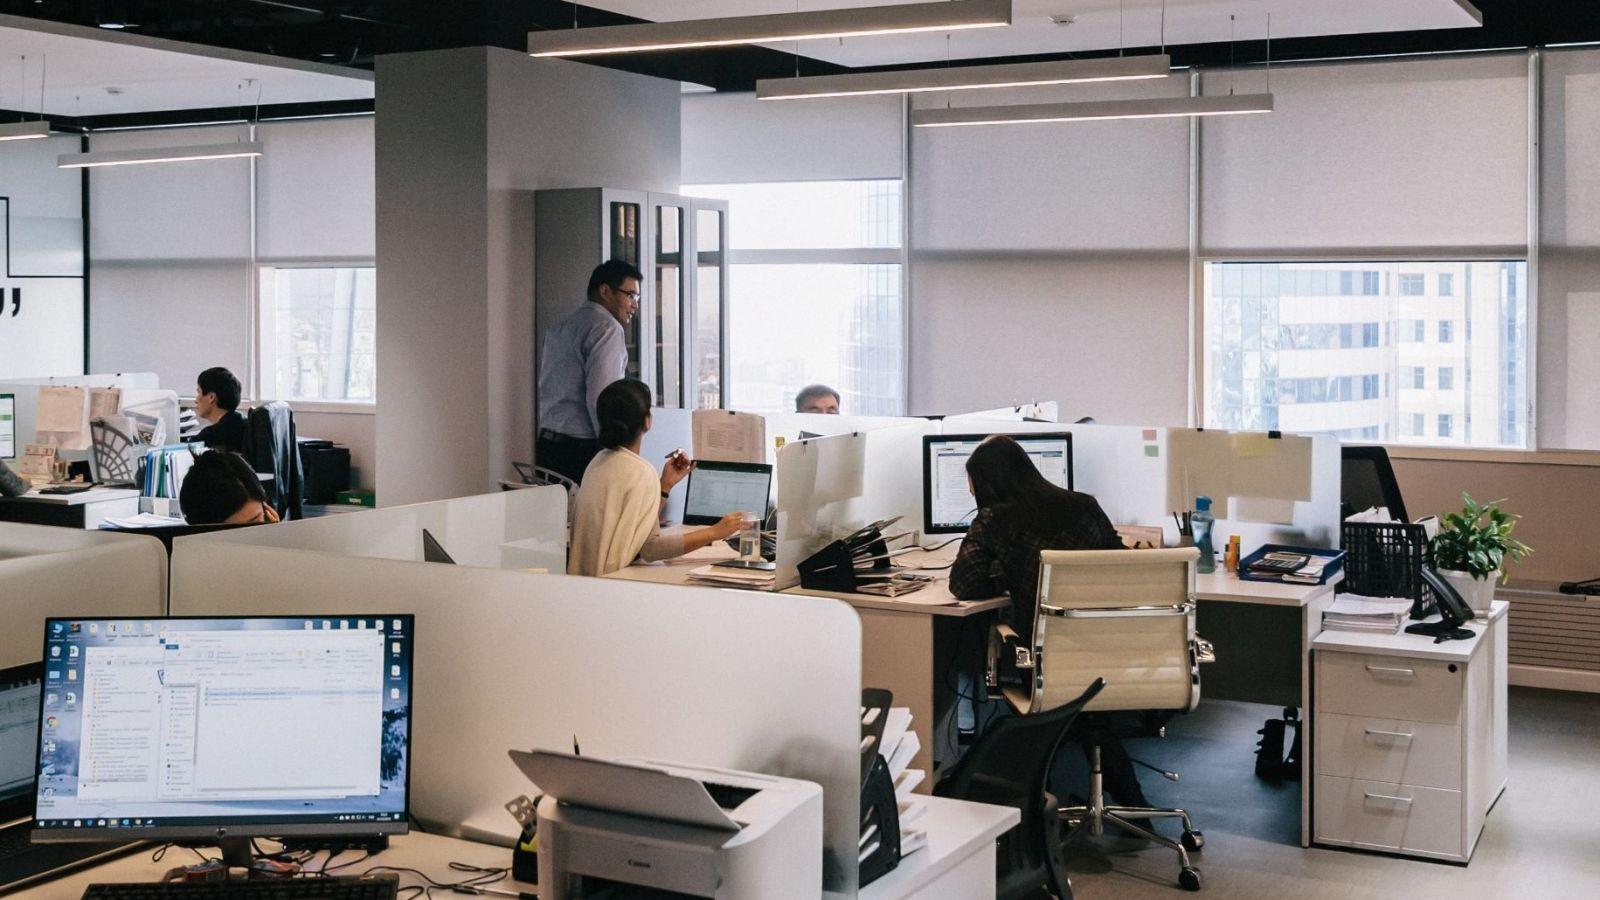 Office Safety Walkthrough Checklist